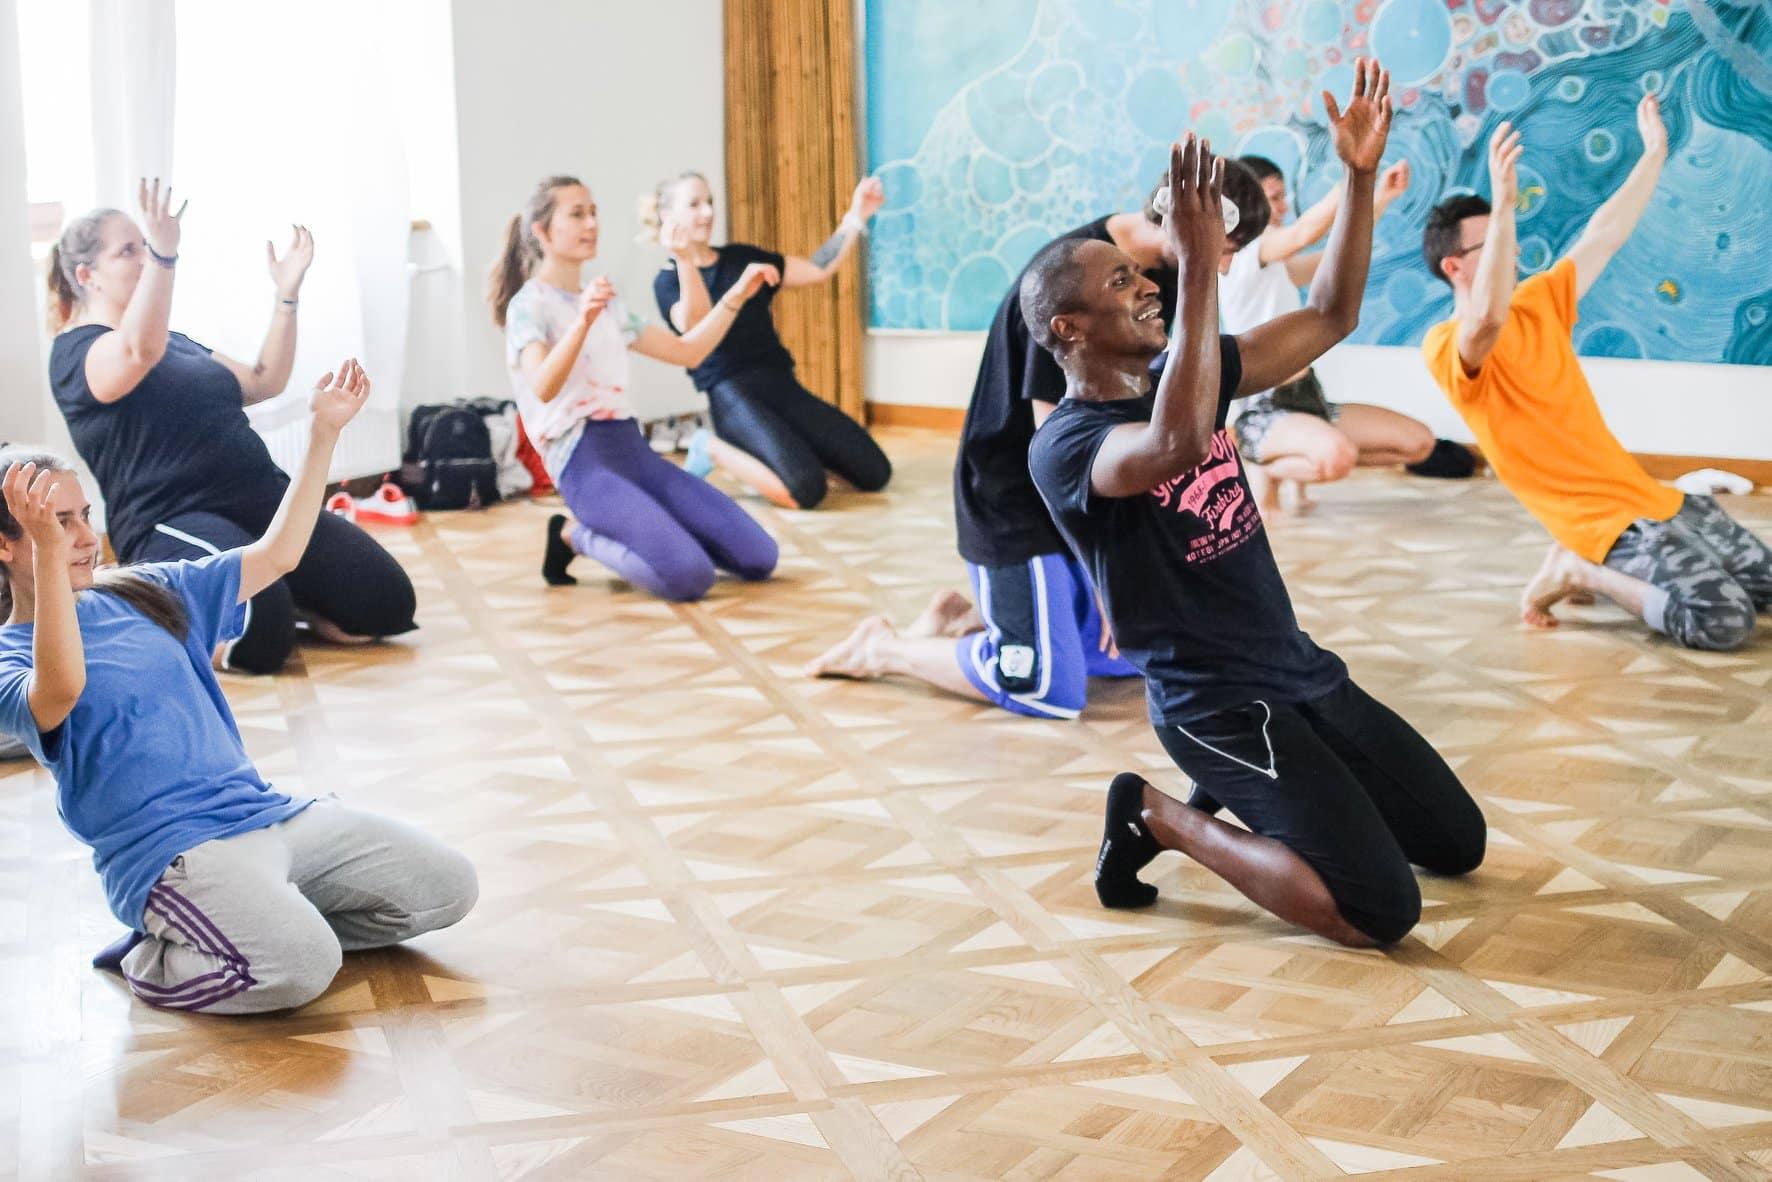 Zajęcia z tańca Afro podczas dni otwartych.